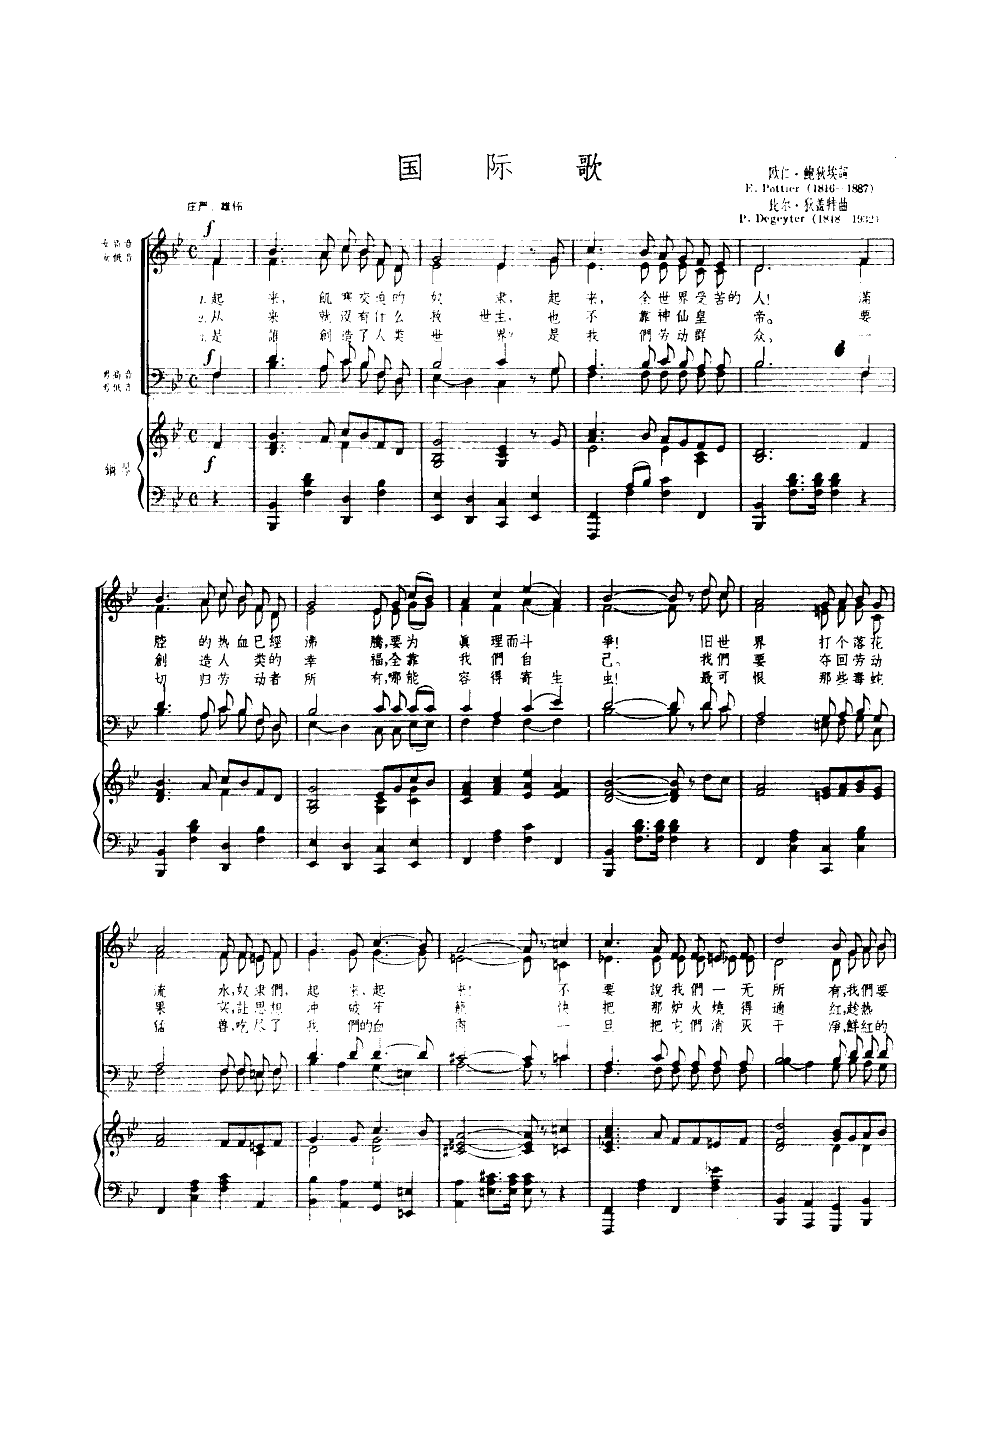 国际歌 合唱 钢伴谱